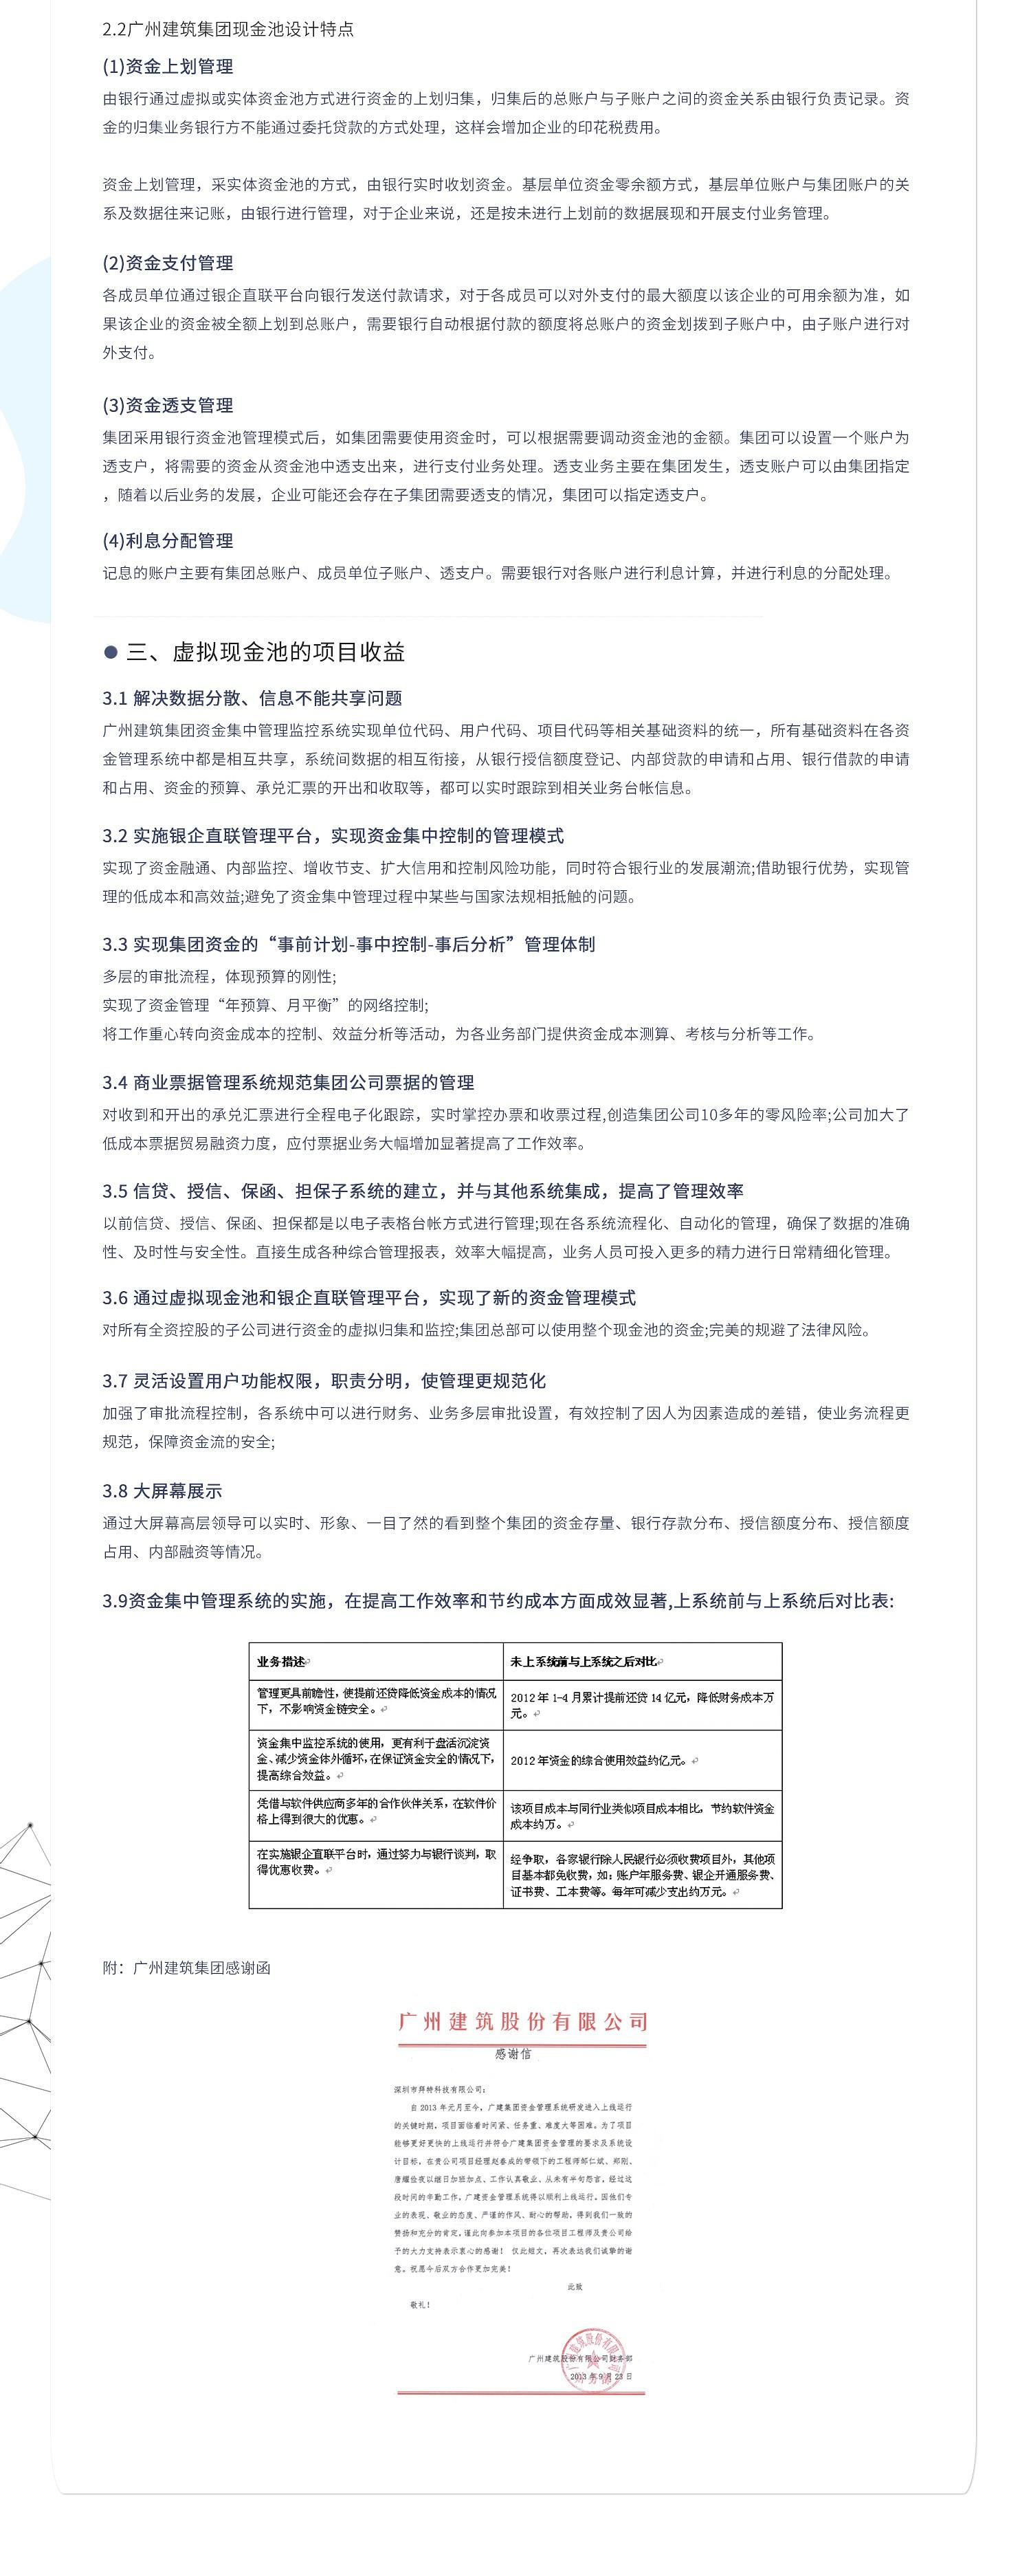 集团内部现金池在广州建筑集团beplay2网页登录管理系统中的应用2.jpg